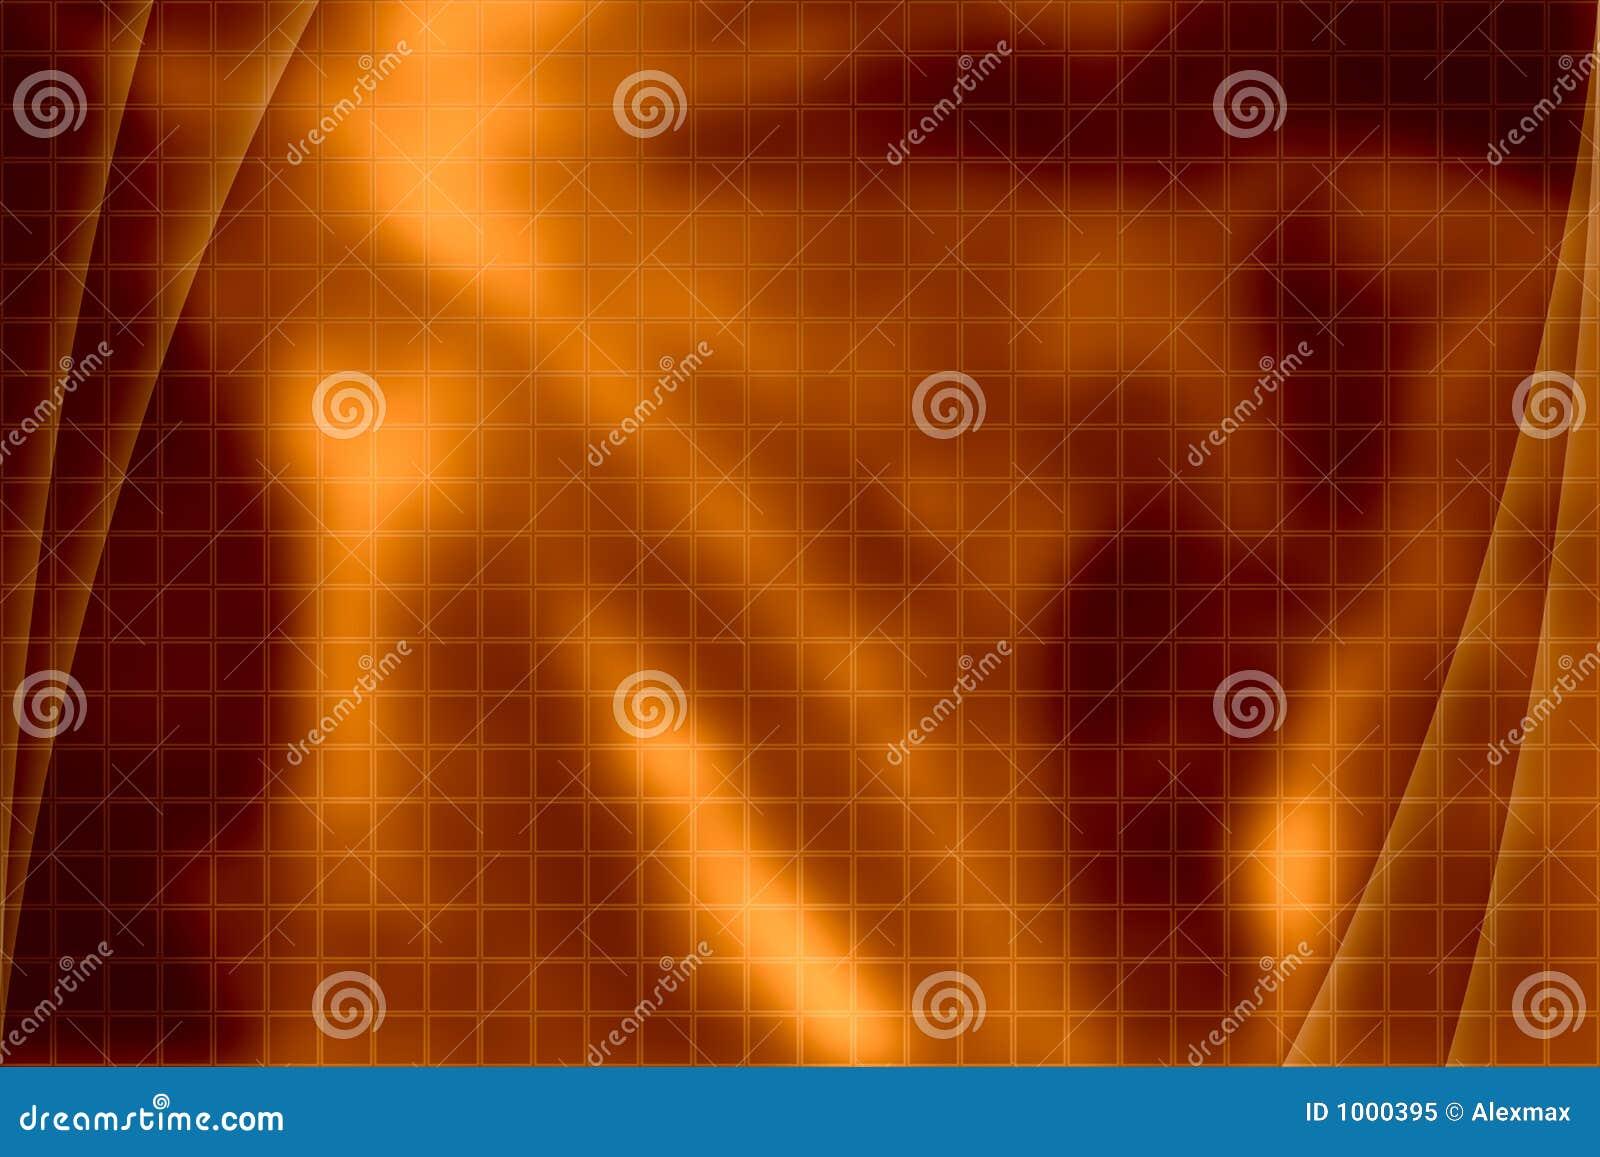 Fondo abstracto anaranjado